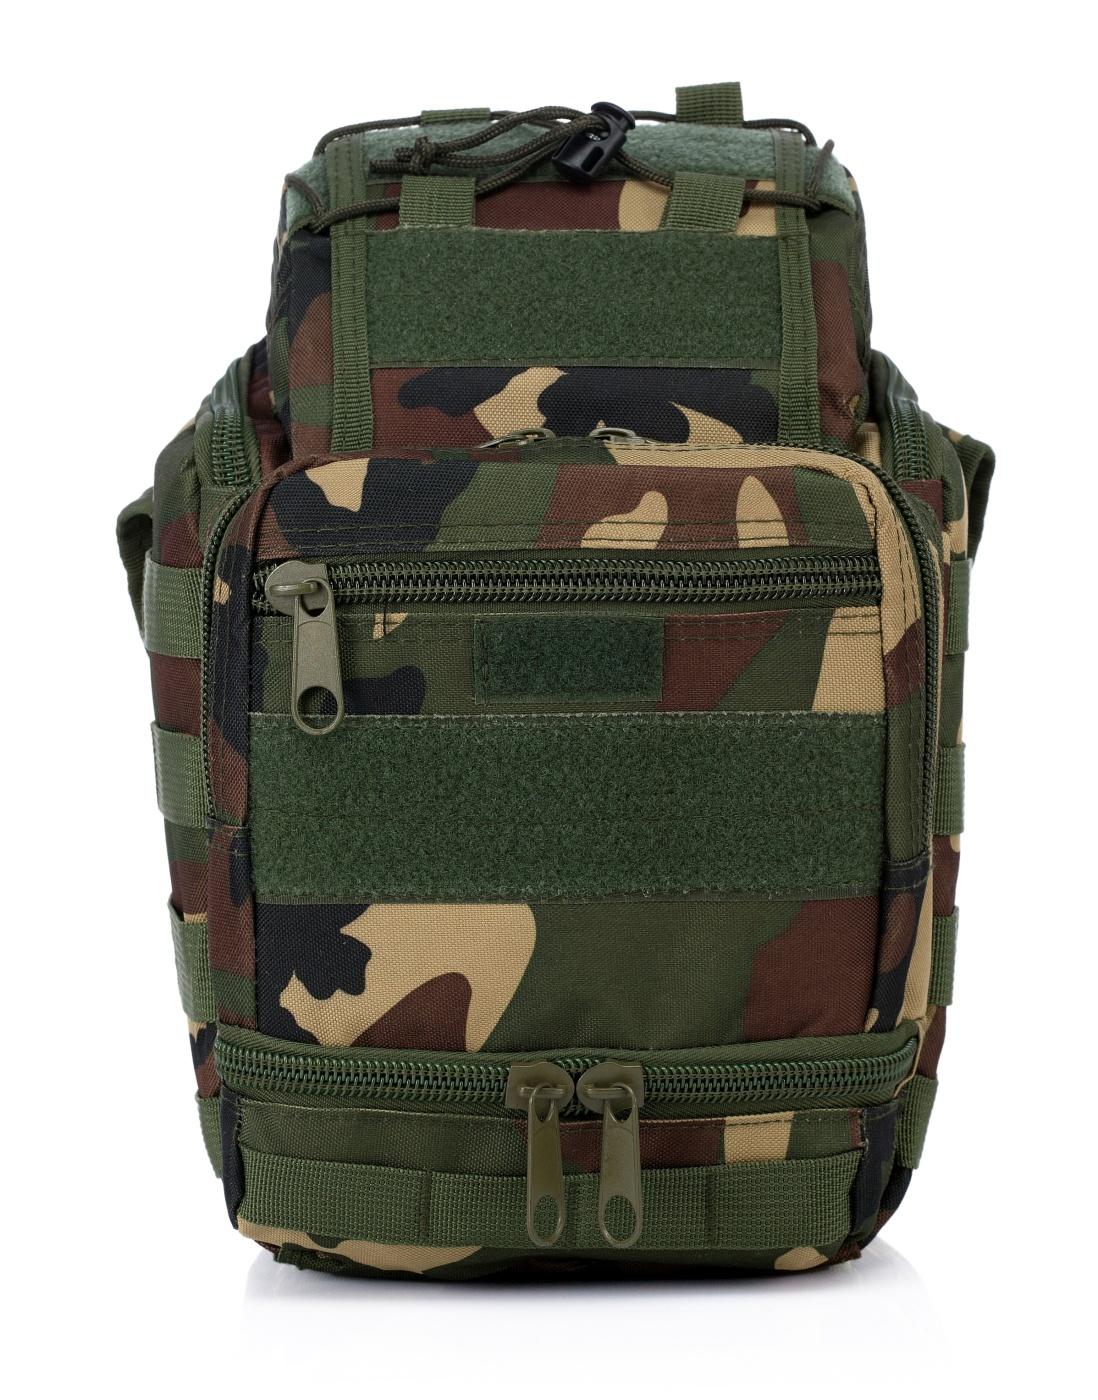 Военная сумка через плечо с поясным креплением купить недорого